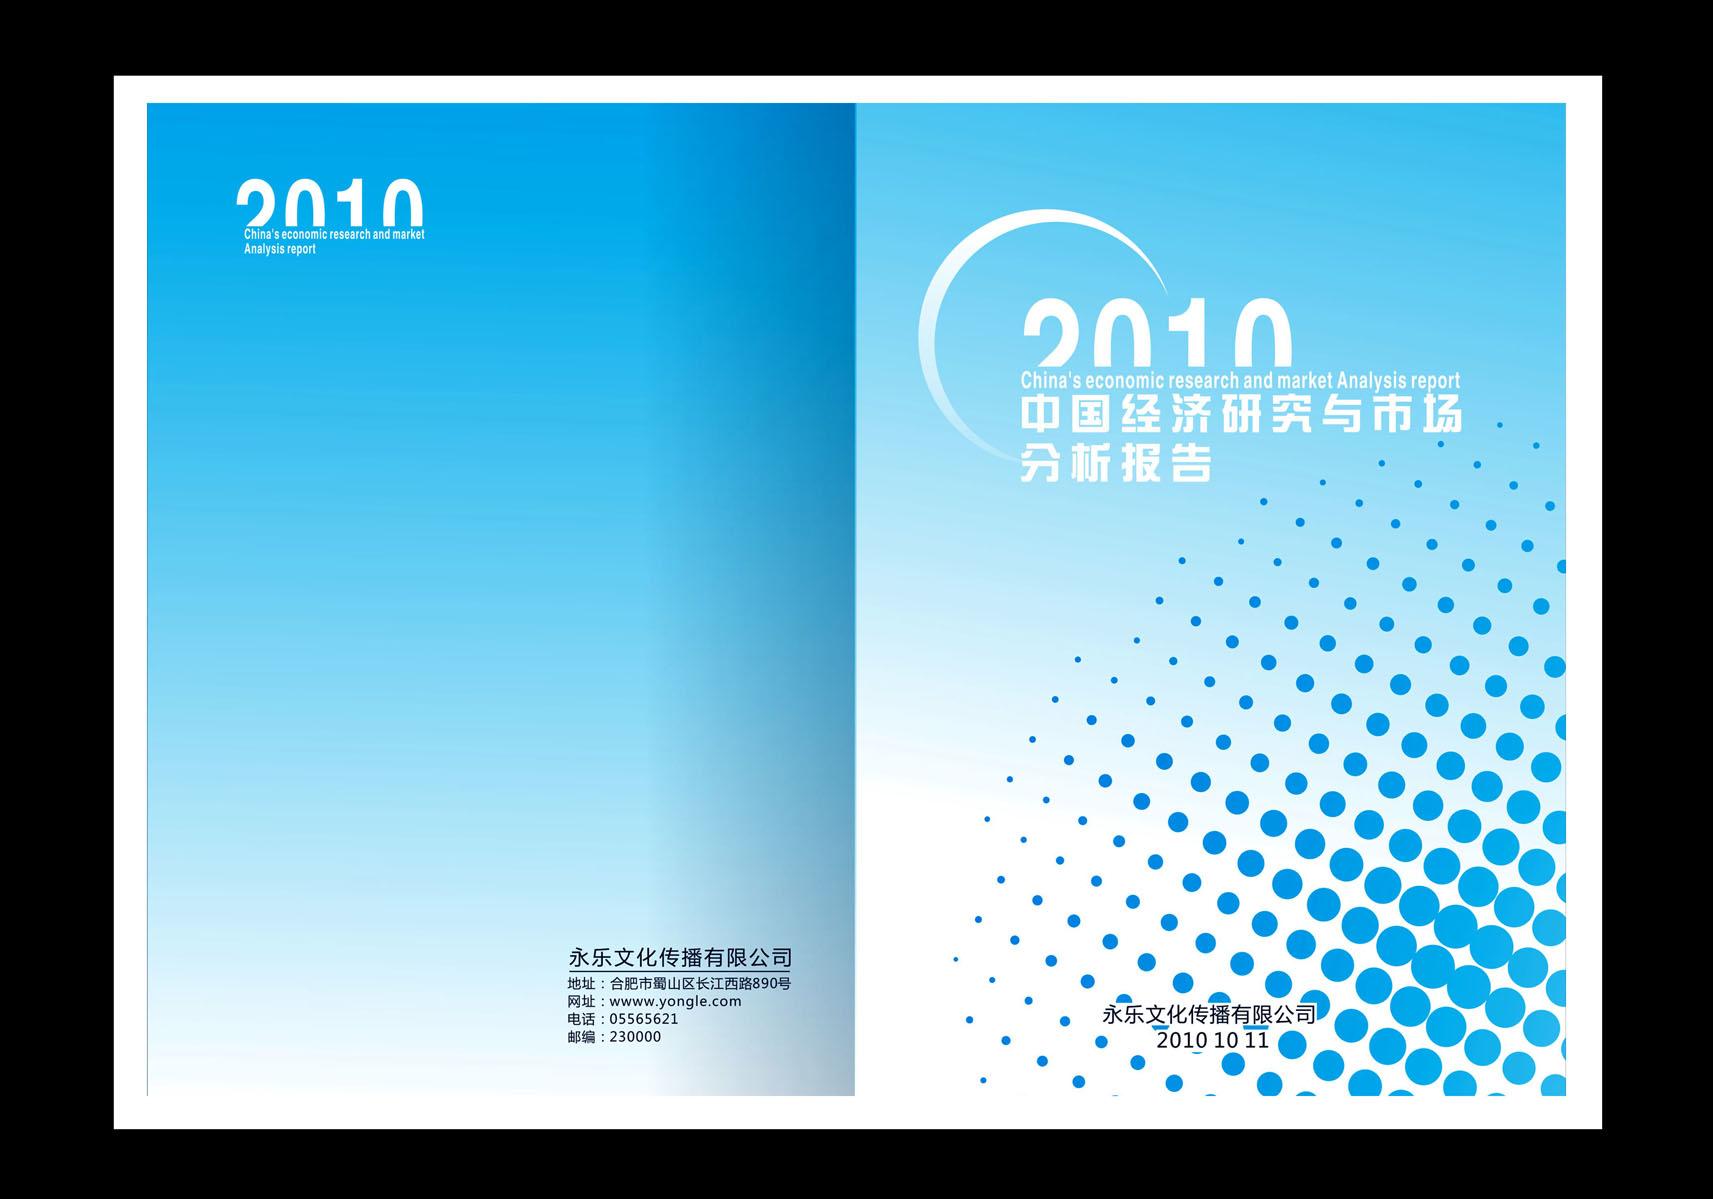 研究报告封面设计